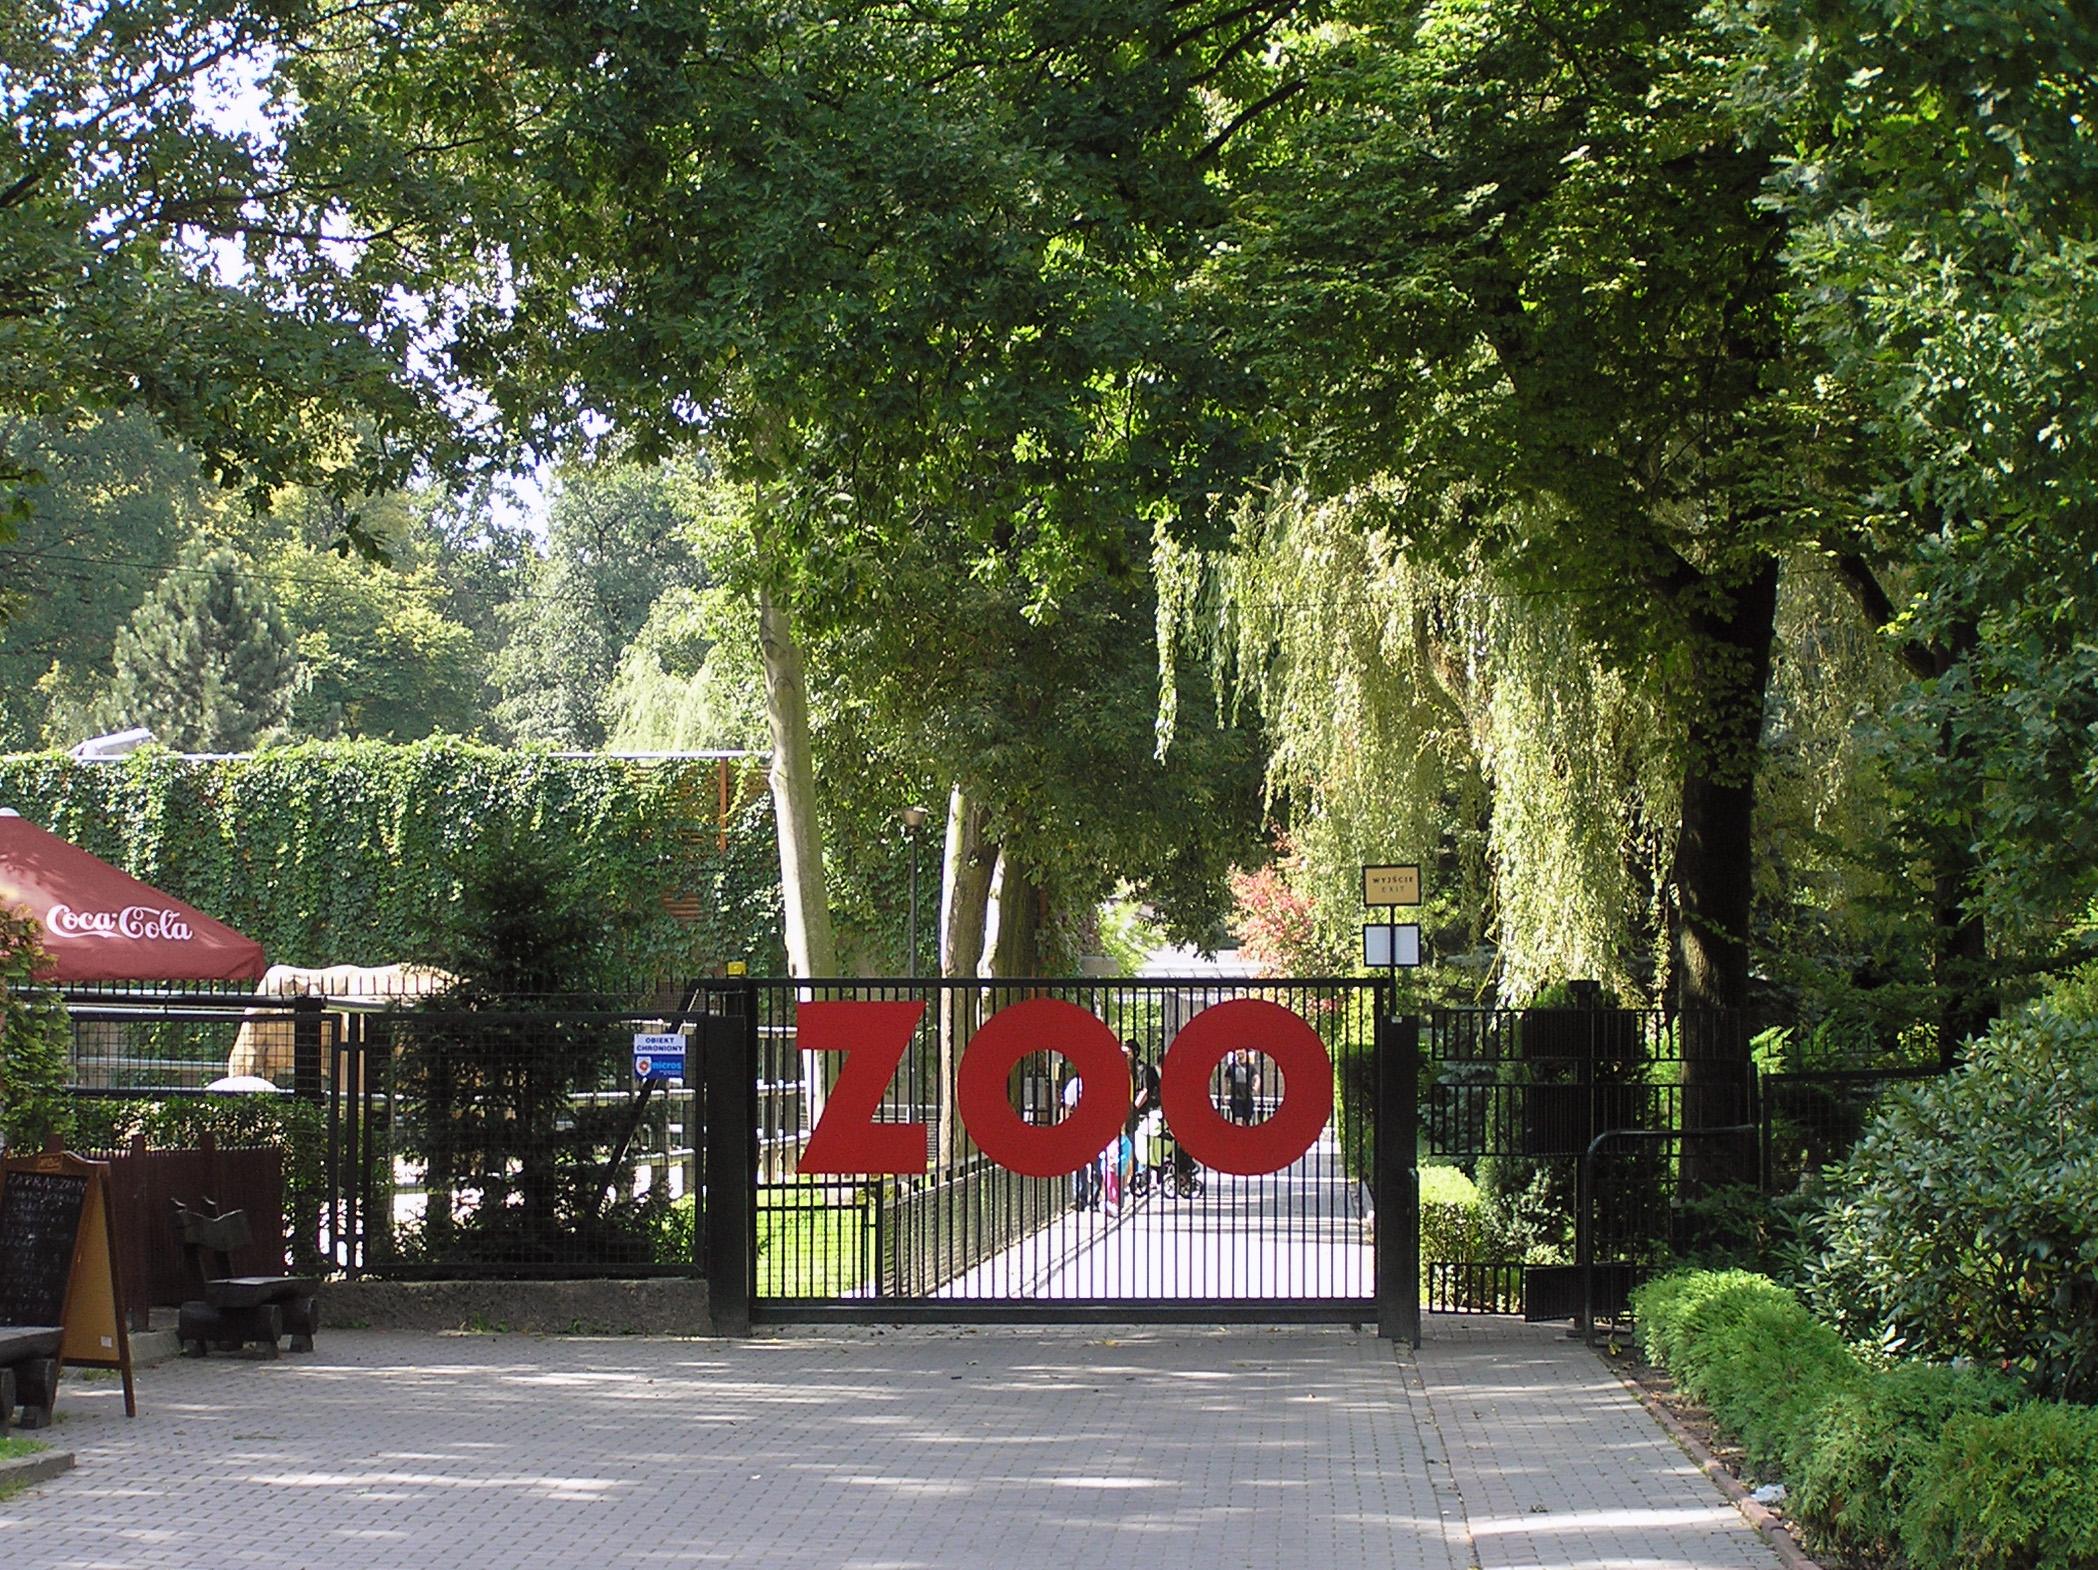 krakow-zoo-childrens-krakow